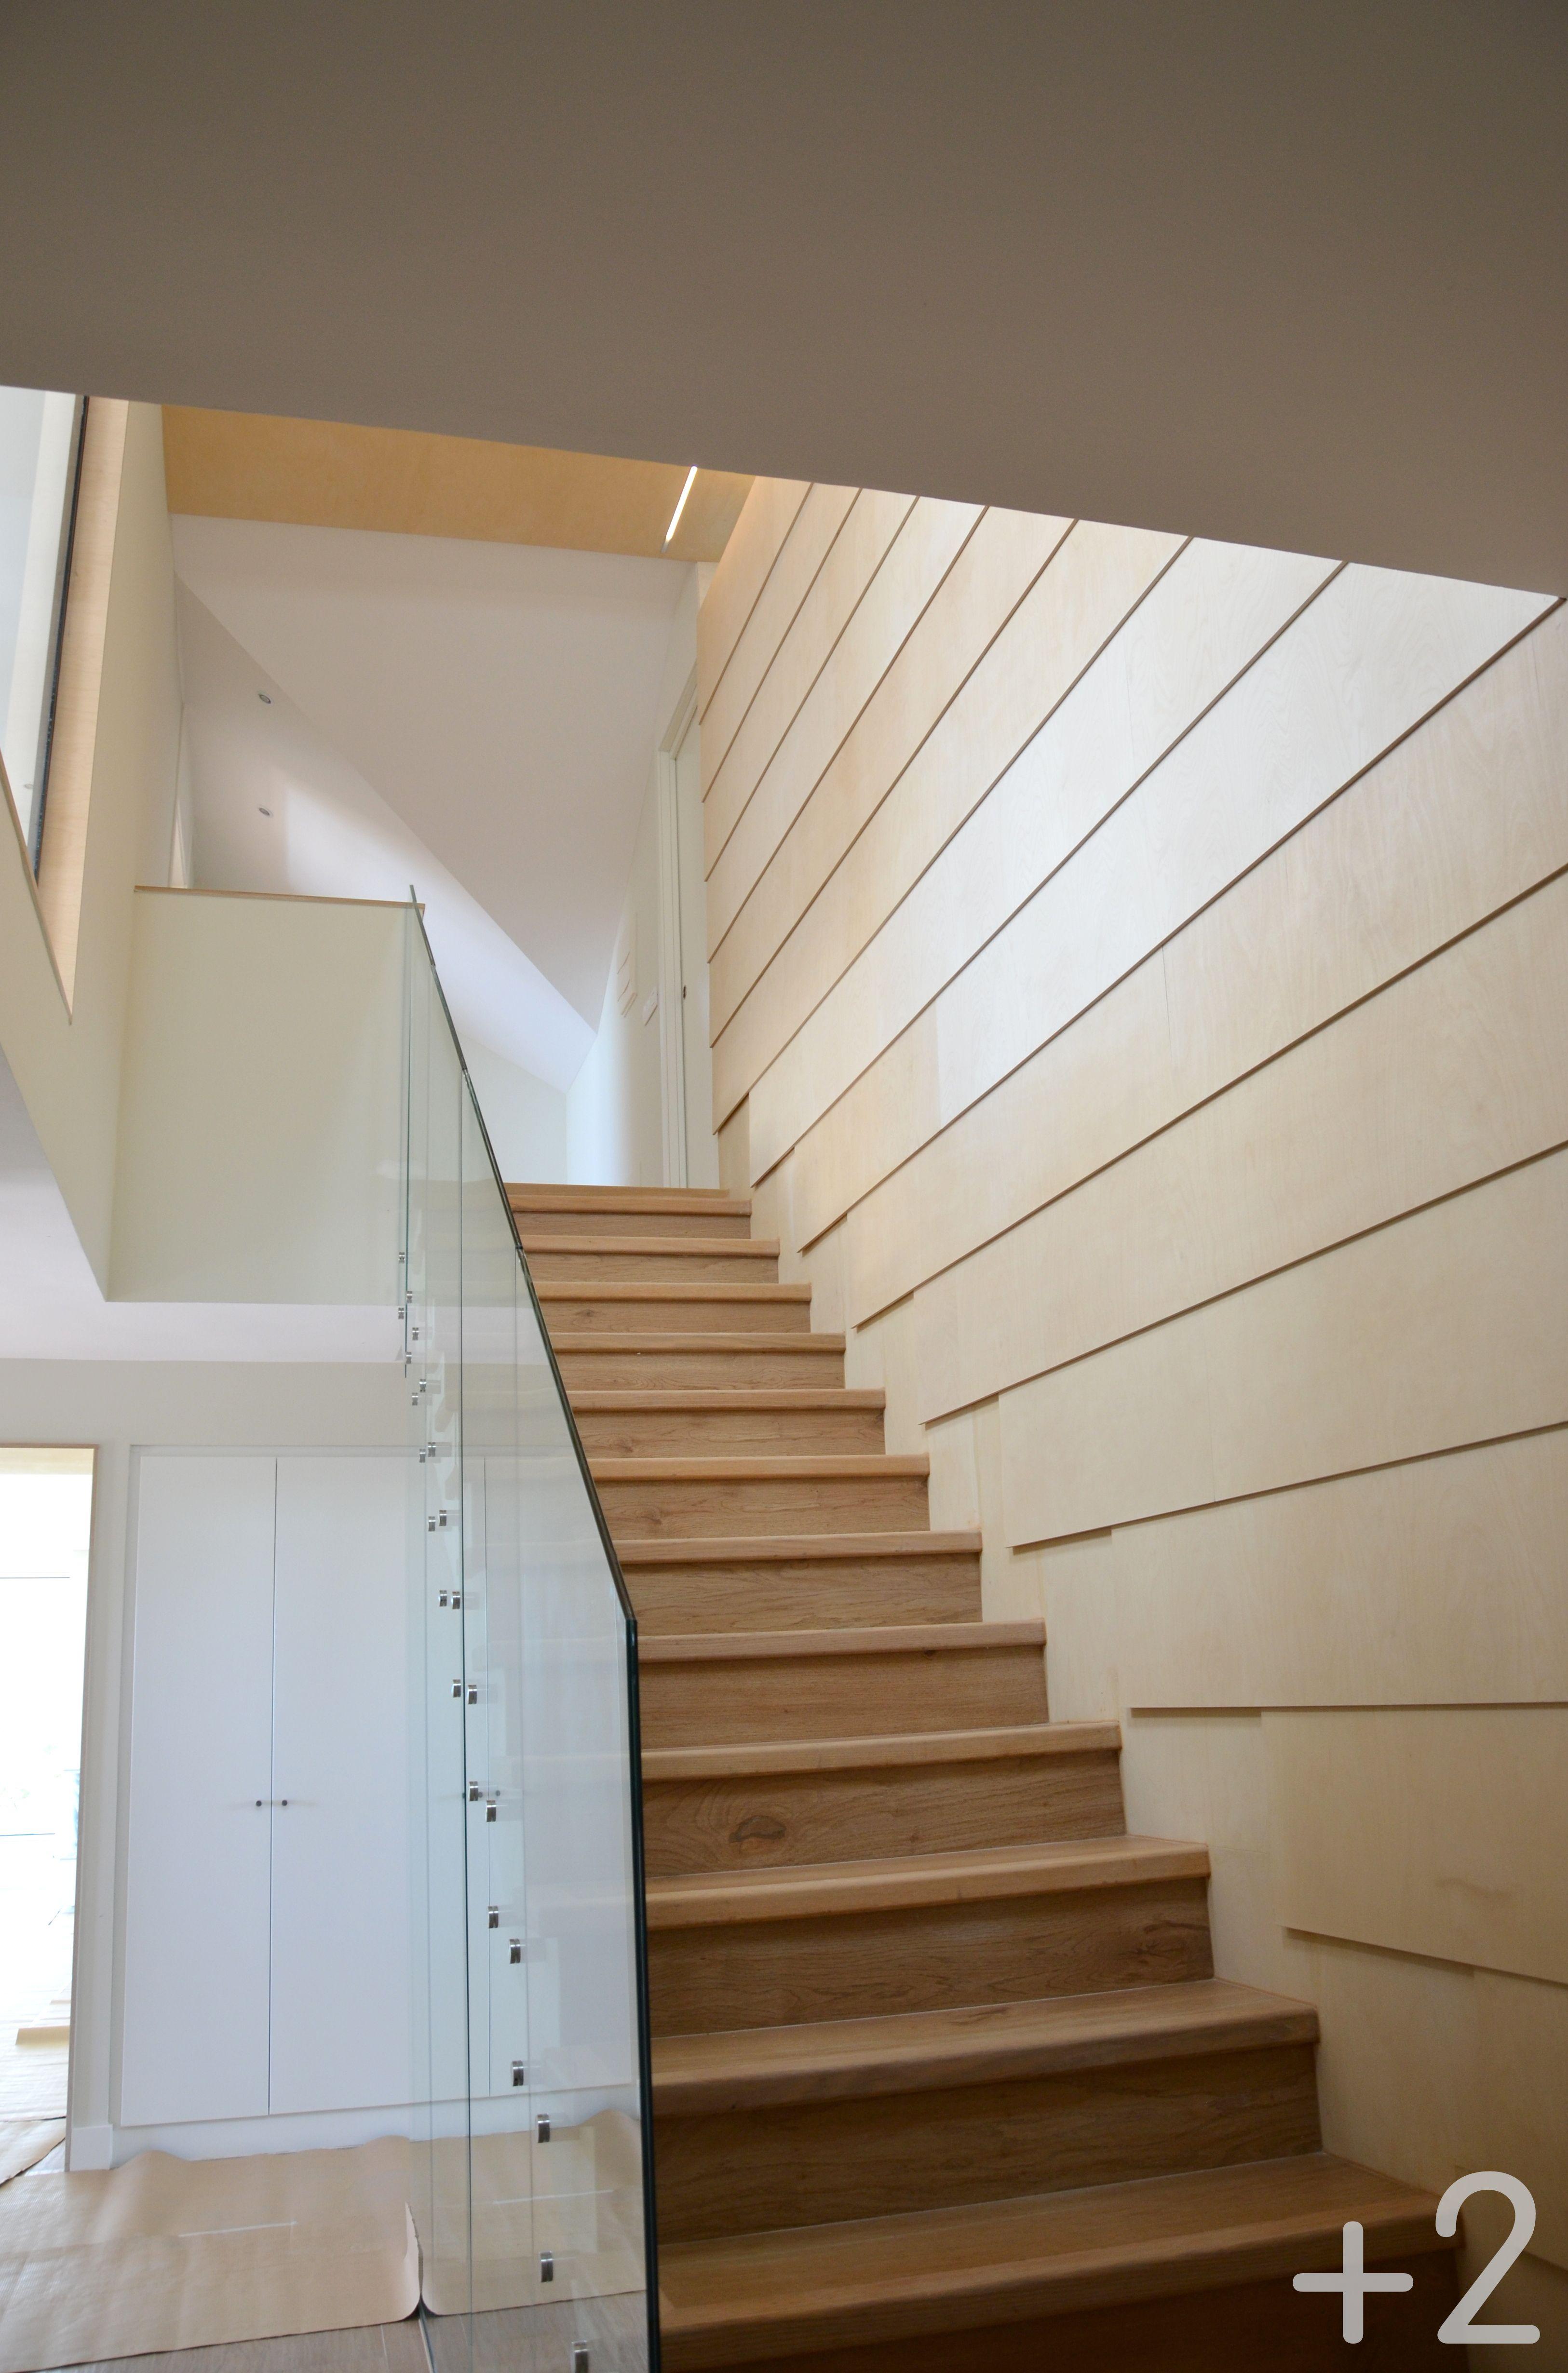 Escalera revestida en madera contrachapada con barandilla - Escaleras de cristal y madera ...